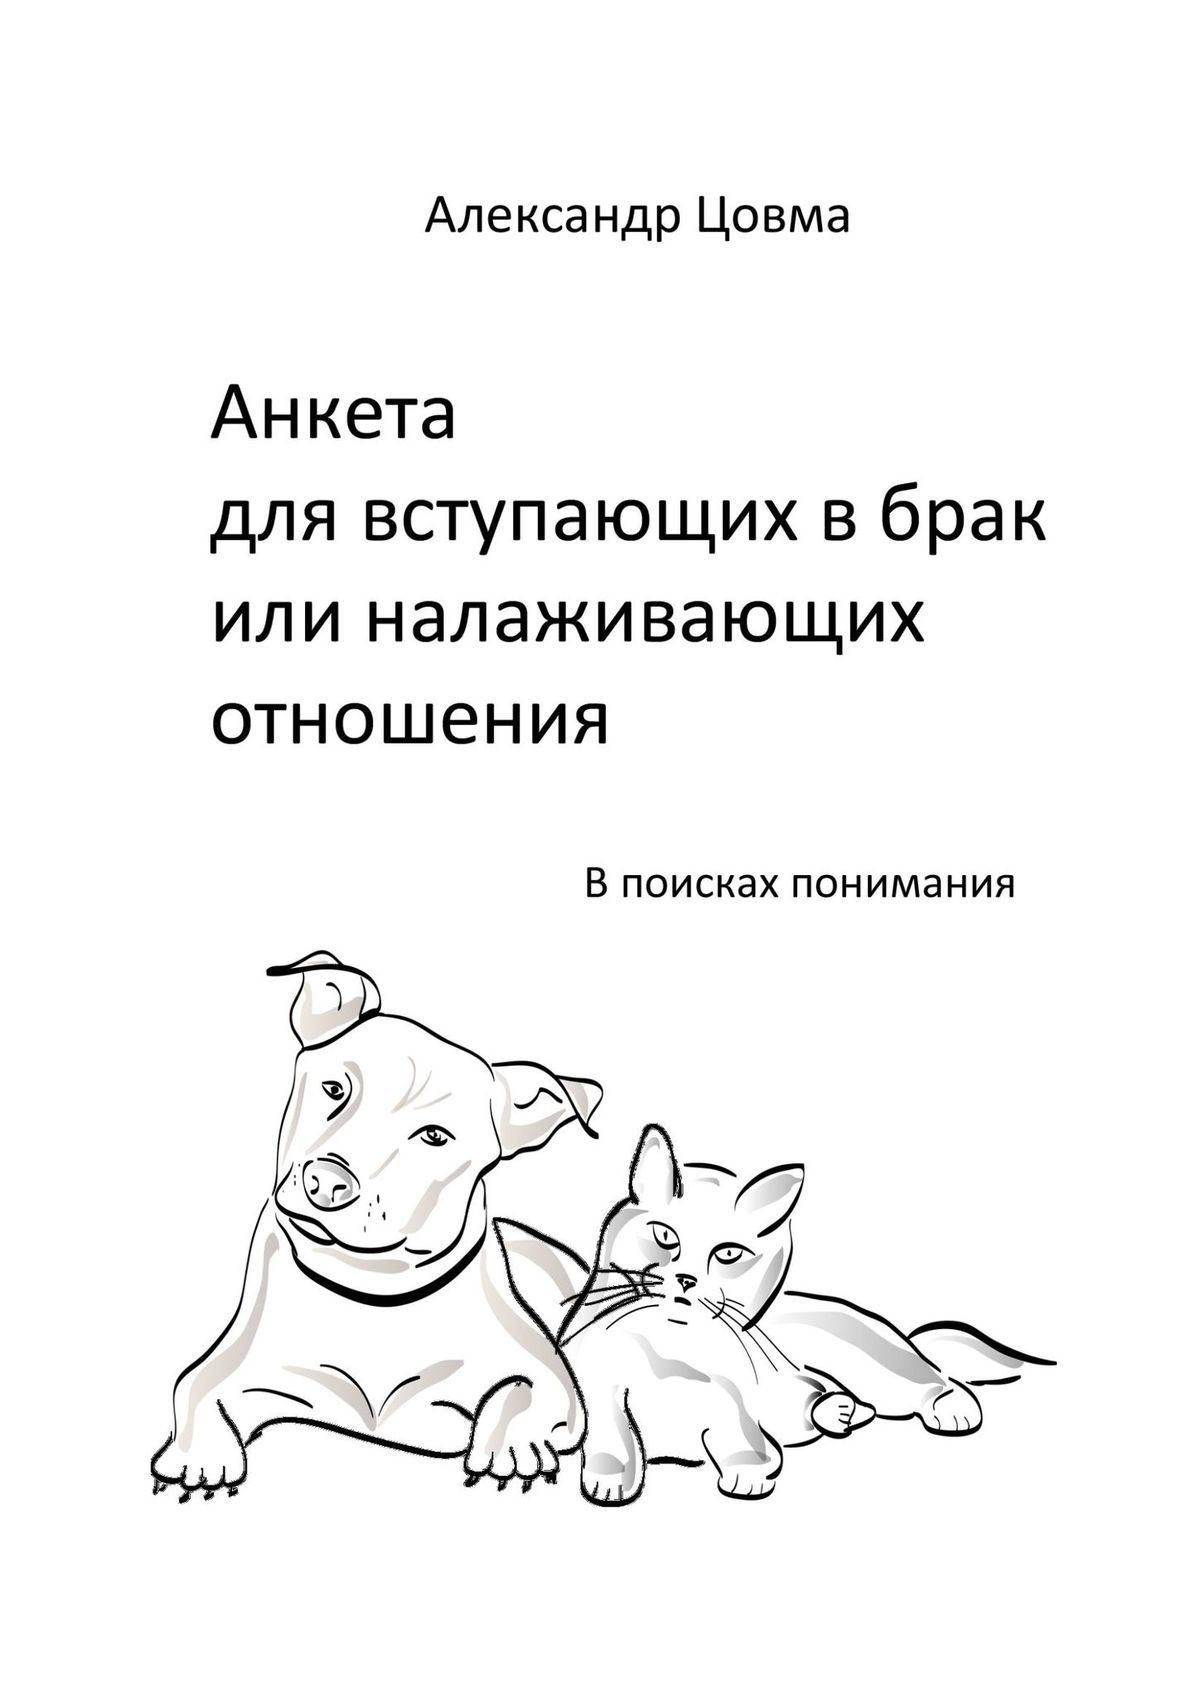 цена на Александр Владимирович Цовма Анкета для вступающих вбрак или налаживающих отношения. Впоисках понимания